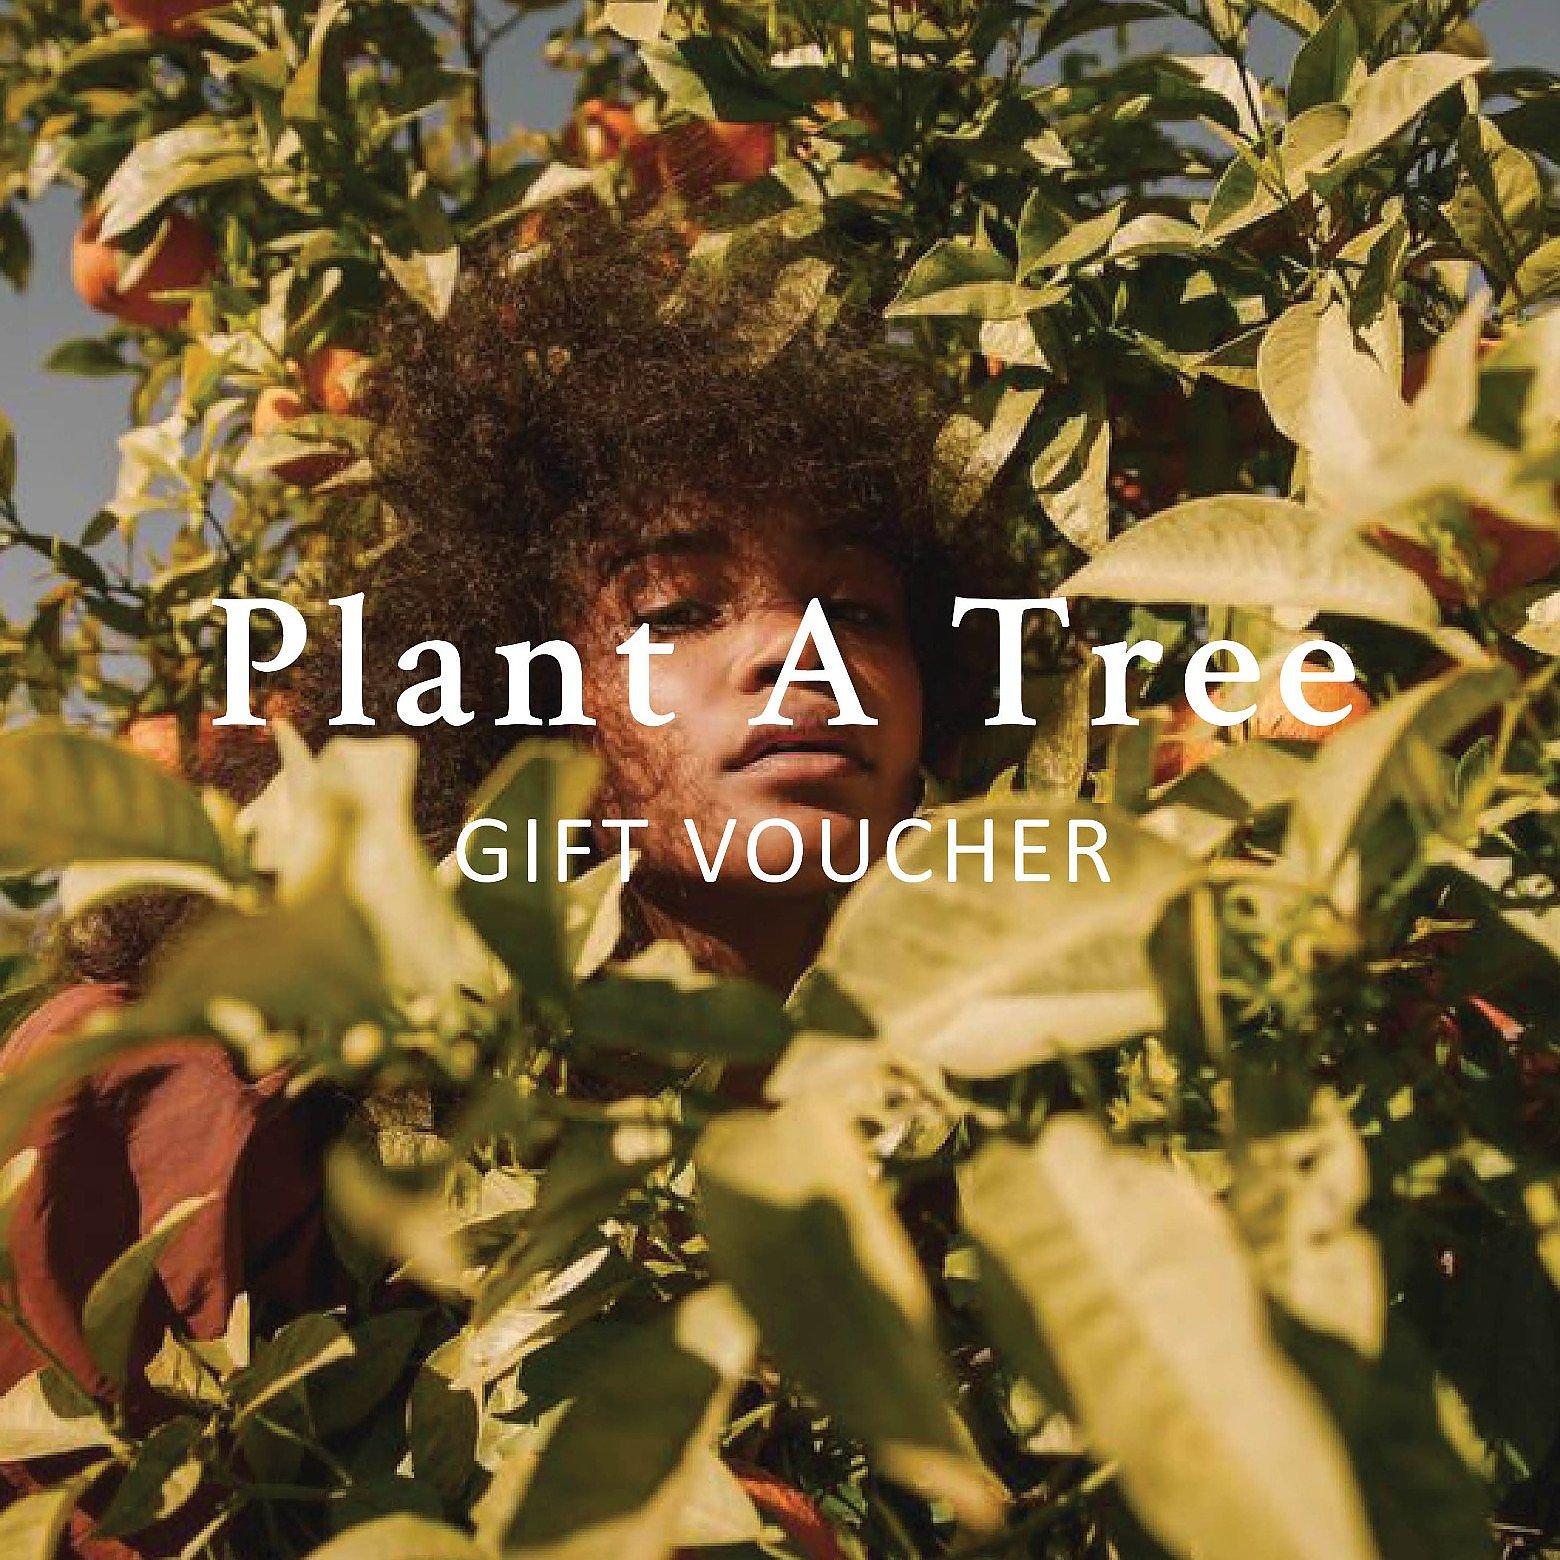 Voucher Plant a Tree Voucher